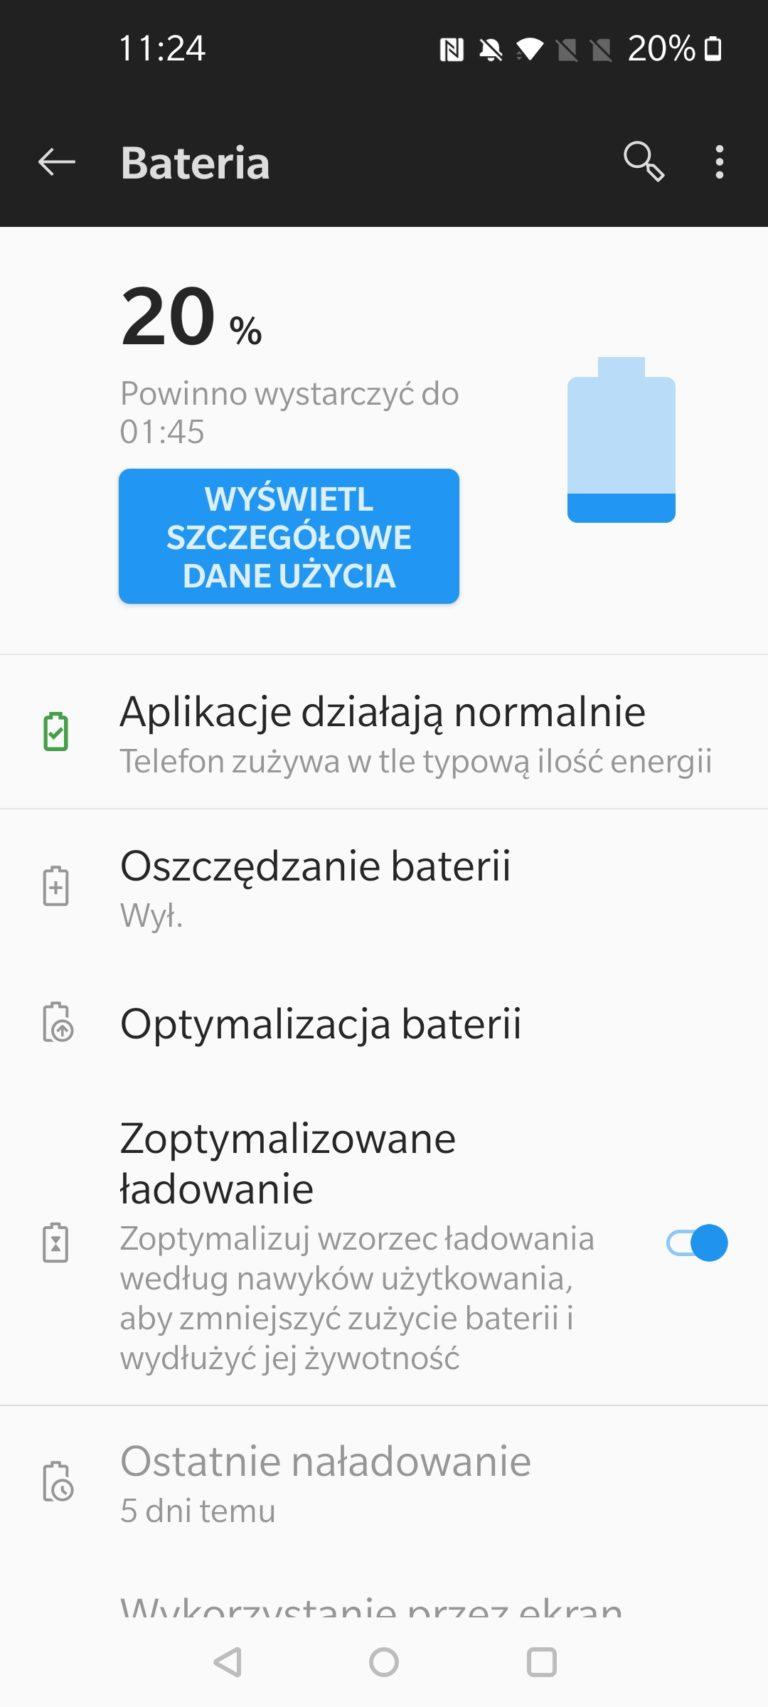 Bateria w OnePlus 8